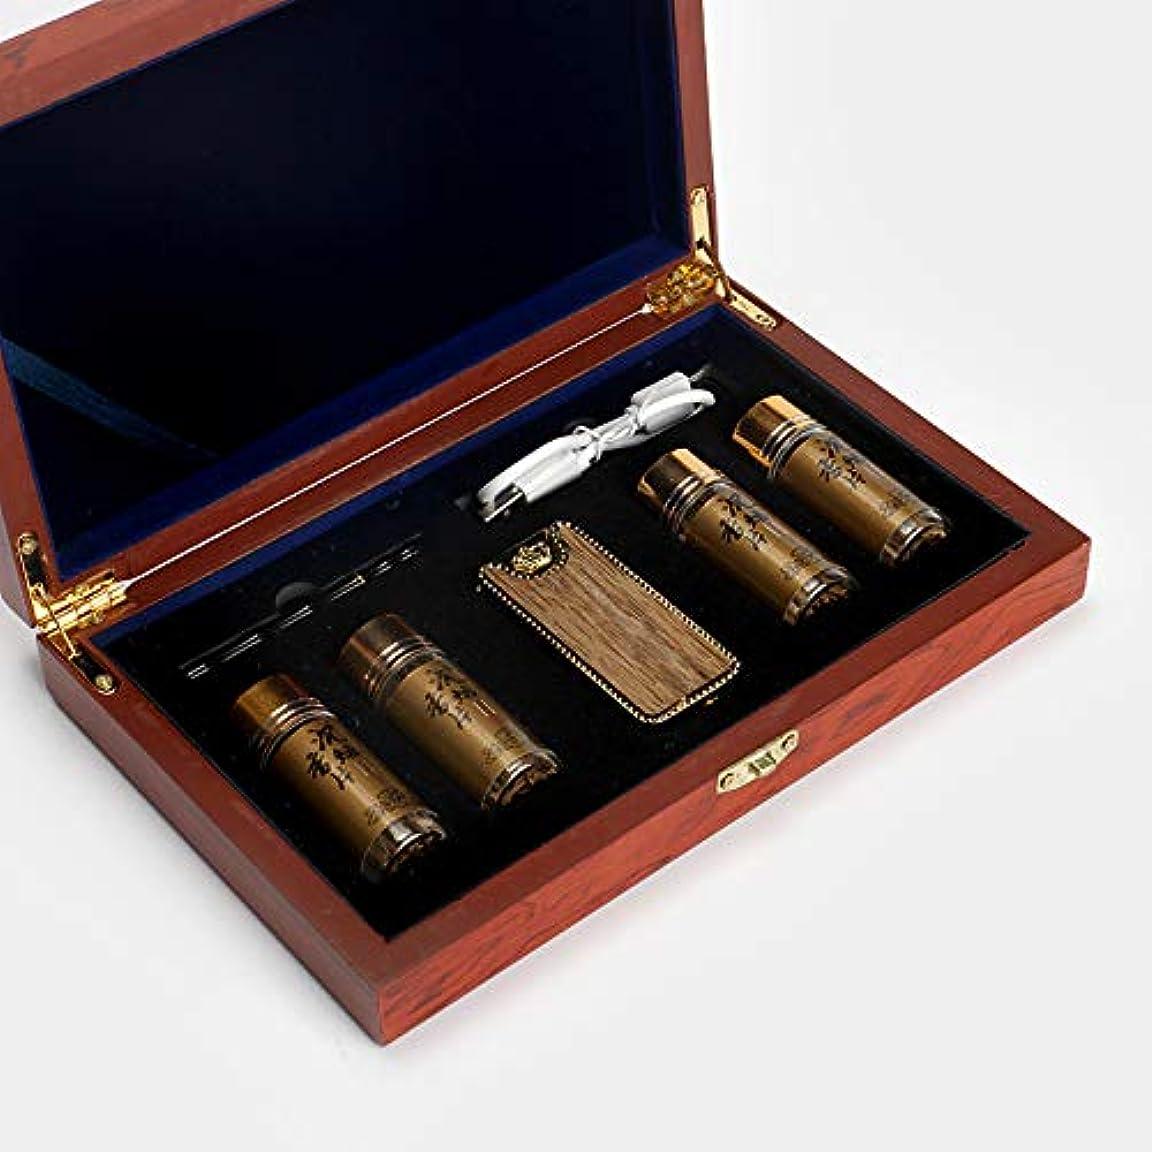 環境保護主義者ピクニックをするうねるDiatems - 五郎クラフトベトナムニャチャンシェンタバコの煙を挿入ギフトボックスShenxiang錠4本のボトル包装